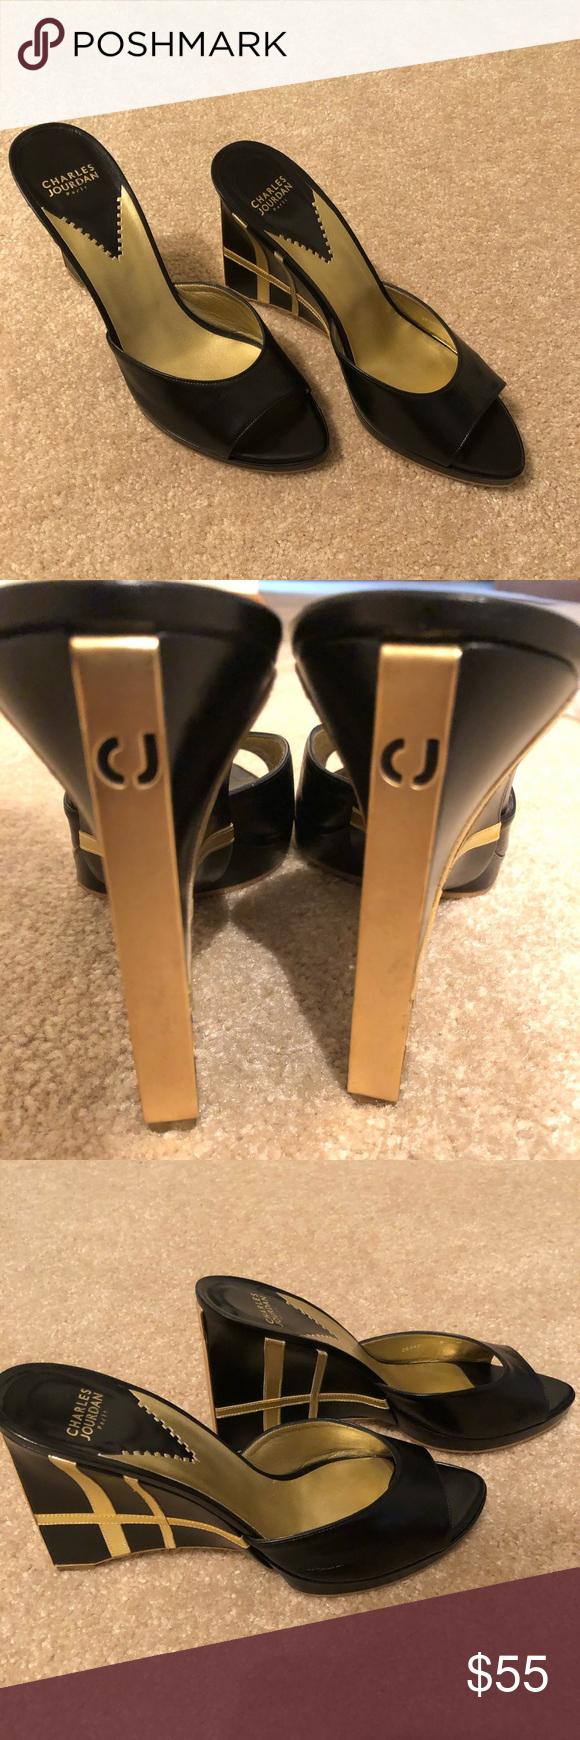 2ca58adb4 Peep toe wedge heel. Charles Jourdan. Paris. Black and gold peep toe wedge.  Narrow wedge heel. Size 9. Excellent condition. Charles Jourdan Shoes Wedges